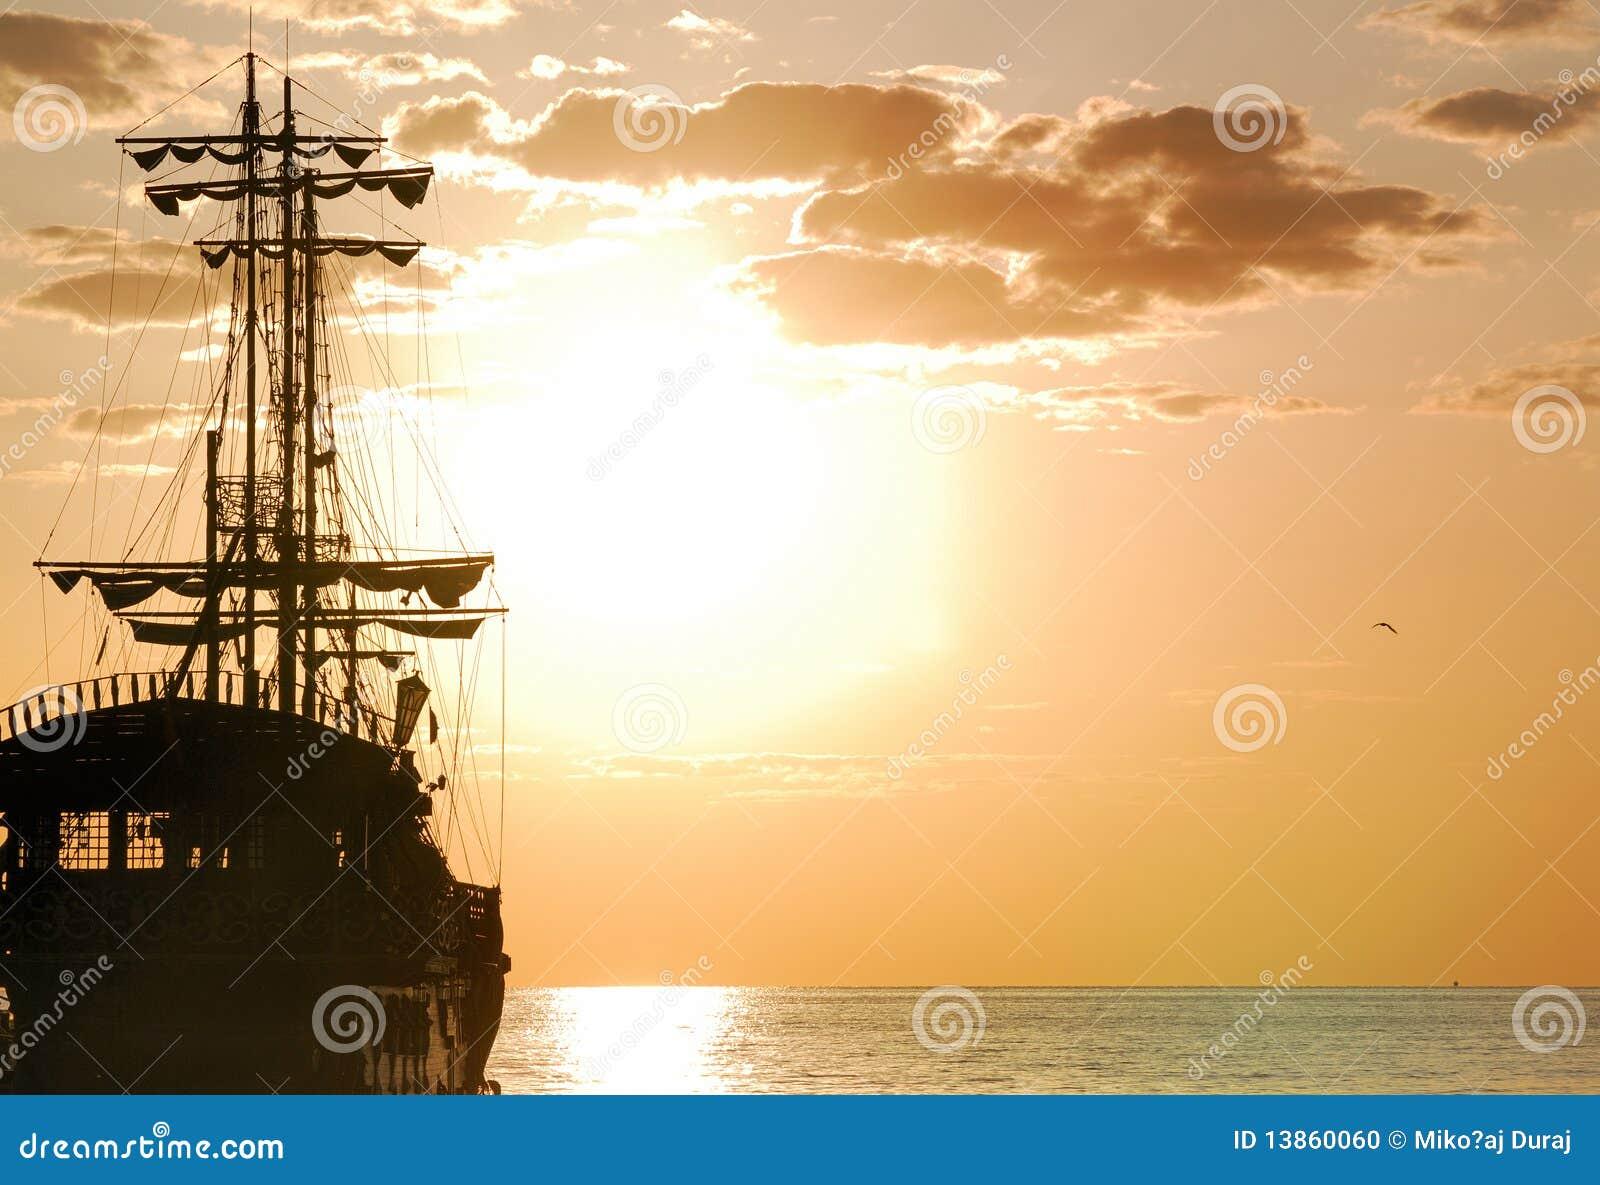 Horyzontalny orientaci piratów statek